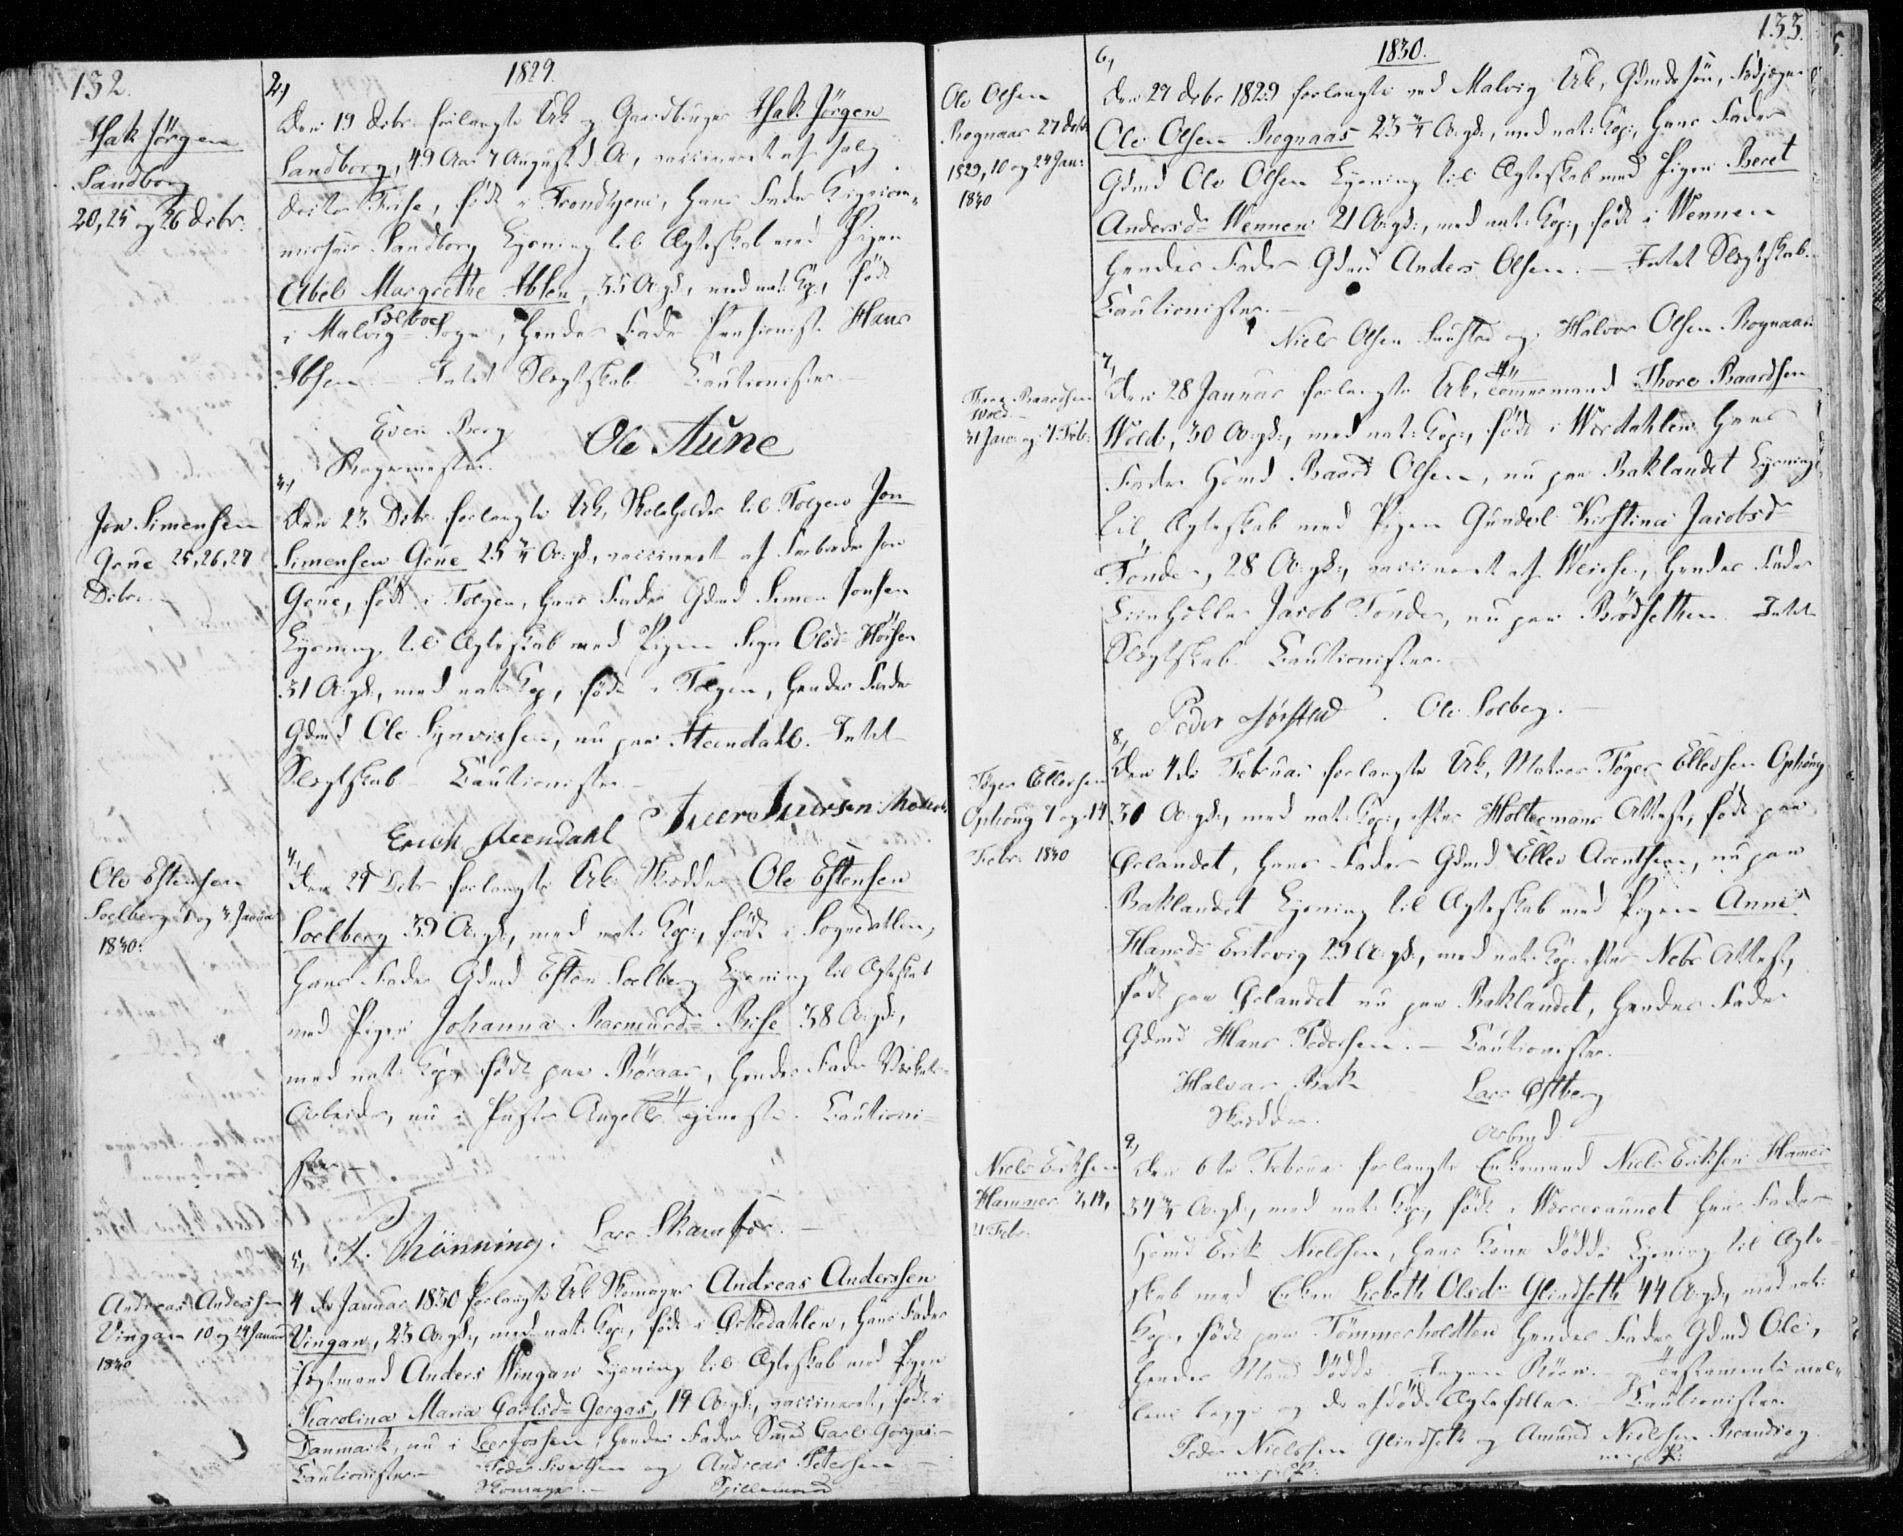 SAT, Ministerialprotokoller, klokkerbøker og fødselsregistre - Sør-Trøndelag, 606/L0295: Lysningsprotokoll nr. 606A10, 1815-1833, s. 132-133